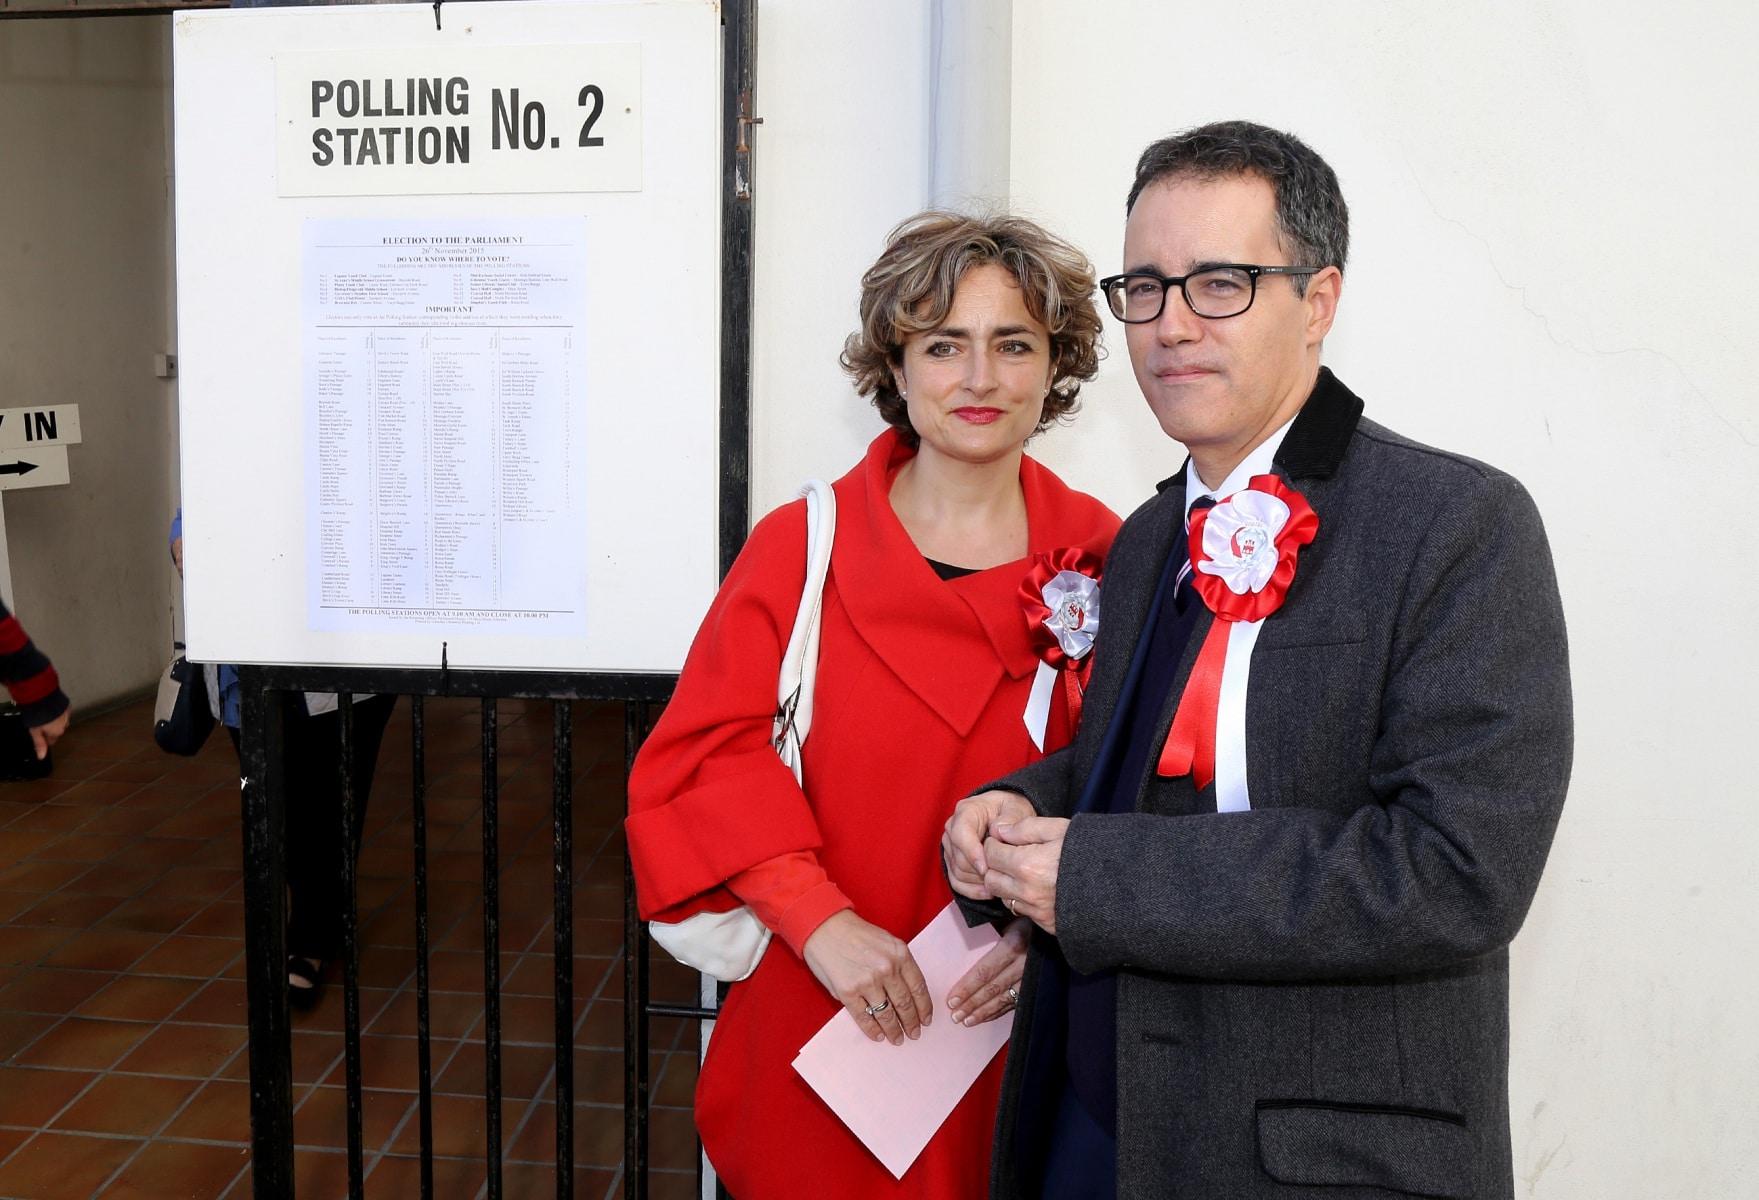 elecciones-generales-gibraltar-26-de-noviembre-de-2015_23325431485_o